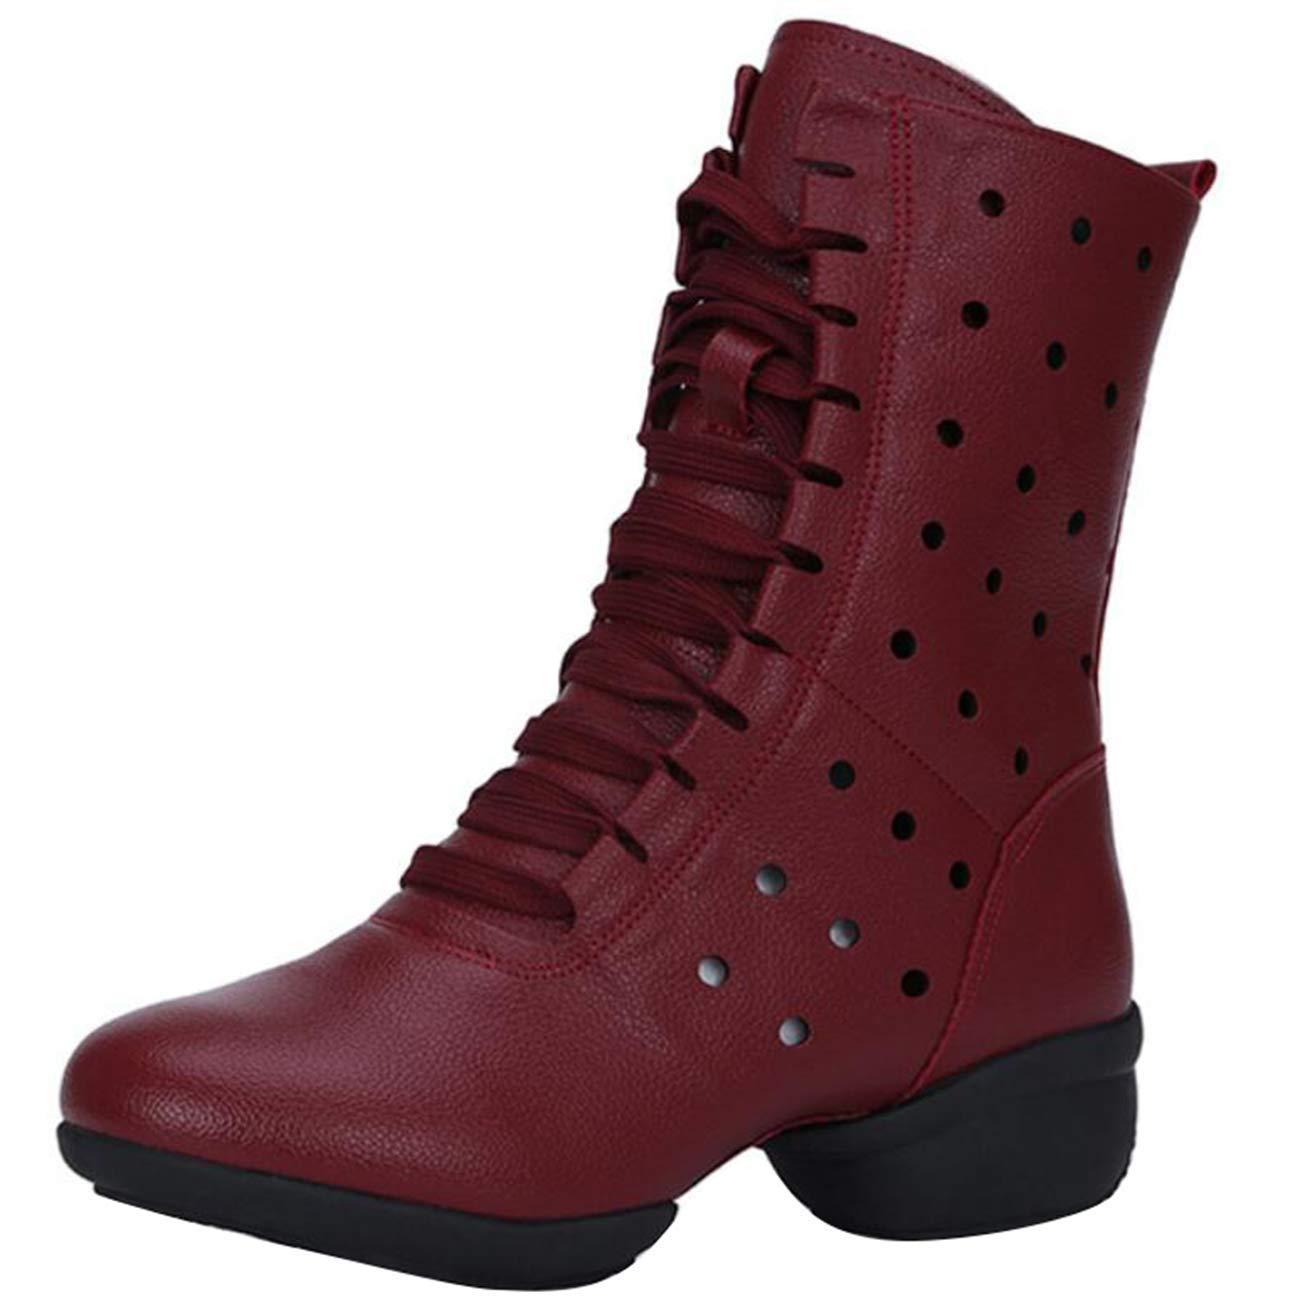 Eeayyygch Damen Schnürschuh mit Rund-Zehen-Blockabsatz-Hollow Chukka-Stiefeln (Farbe     Rot, Größe   4 UK) 8d7806